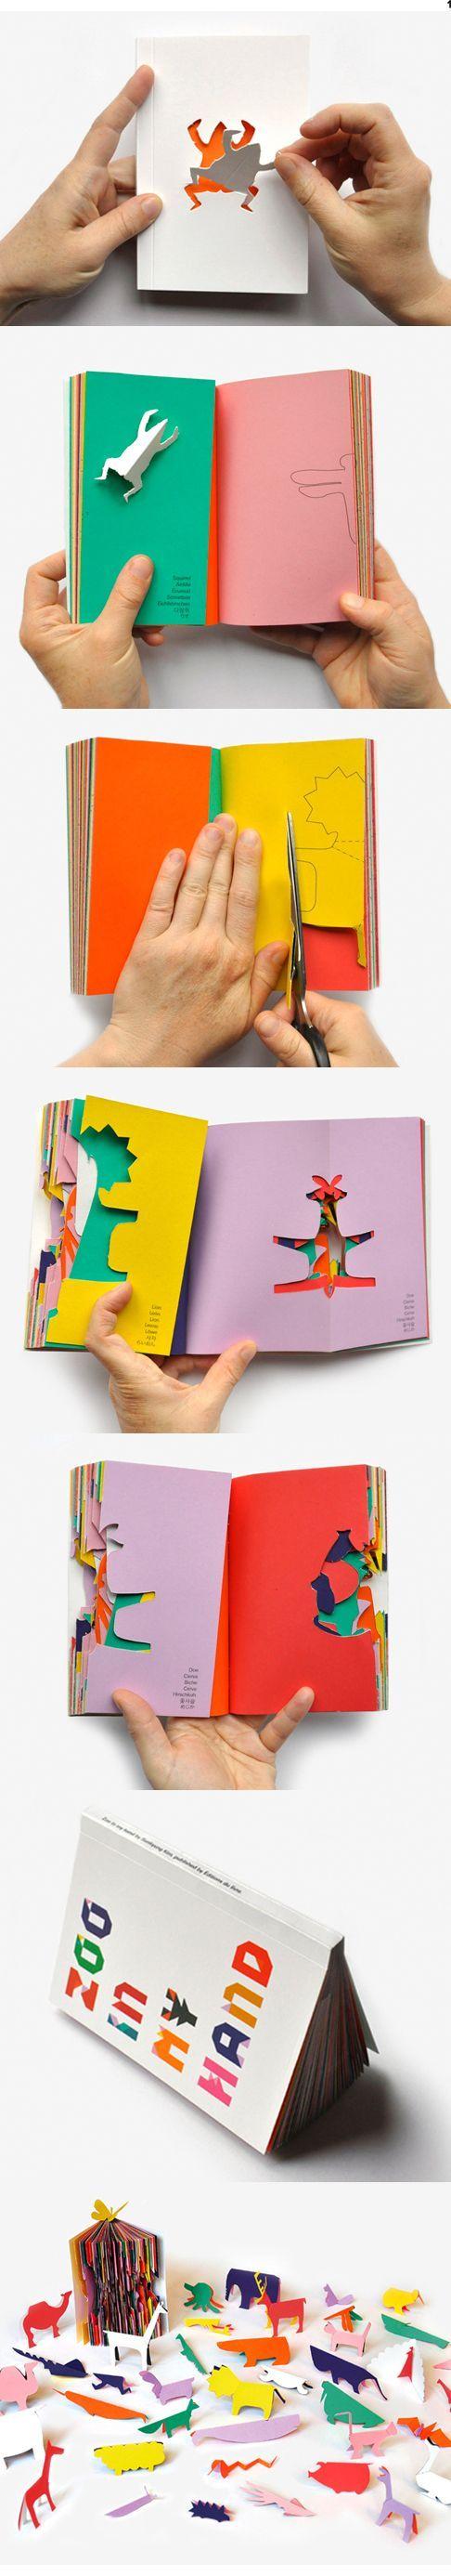 Zoo in my Hand AUTEUR Sunkyung Kim ÉDITEUR Les Éditions du livre GENRE Livre d'activités DIRECTION ARTISTIQUE Sunkyung Kim TYPOGRAPHIE Fontenew de Fanette Mellier